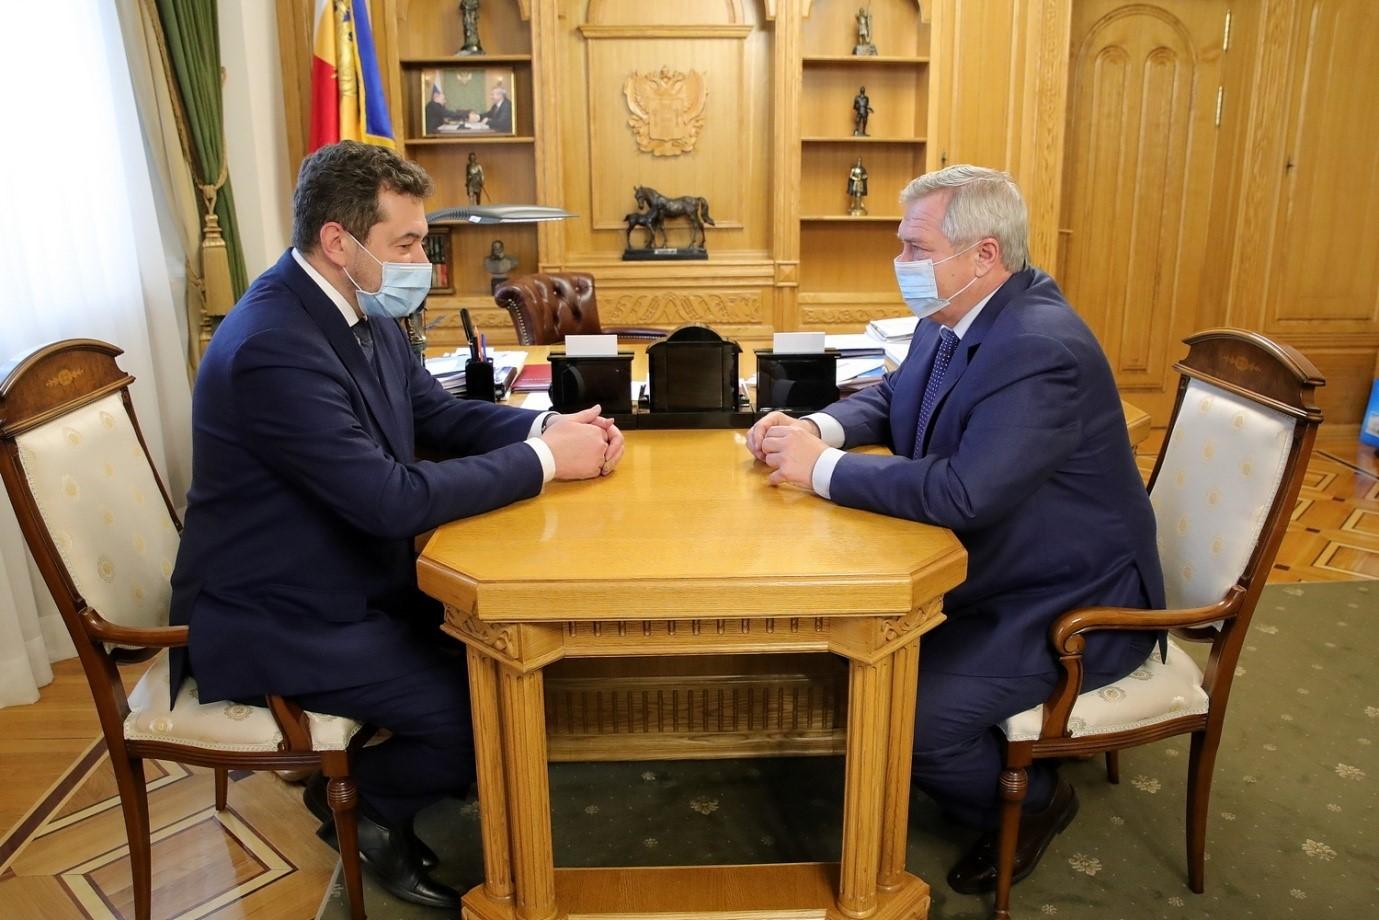 Губернатор Василий Голубев и начальник СКЖД Сергей Задорин  обсудили вопросы развития железнодорожного сообщения